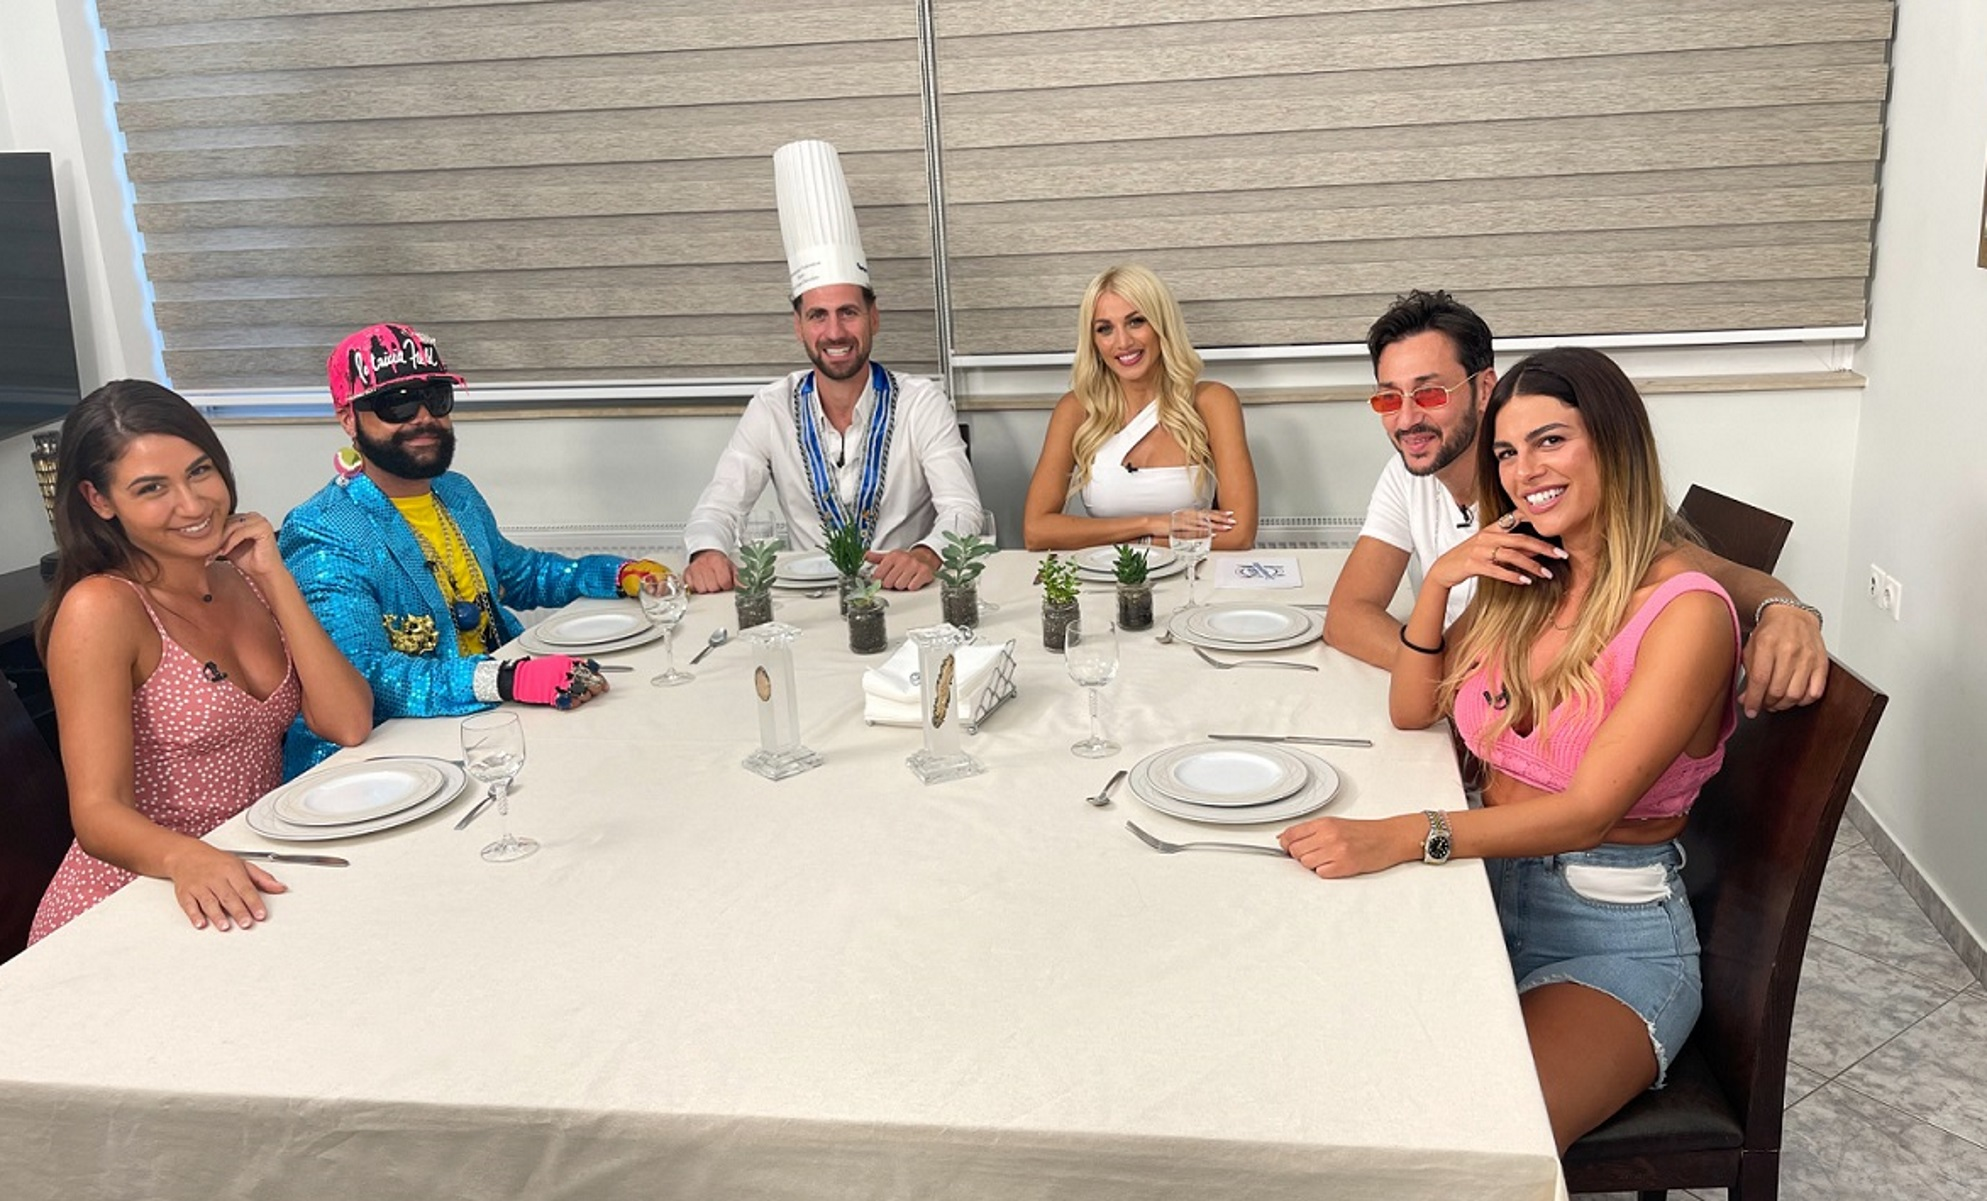 Κάτι Ξαναψήνεται: Η Κωνσταντίνα Σπυροπούλου στρώνει τραπέζι για Survivors!